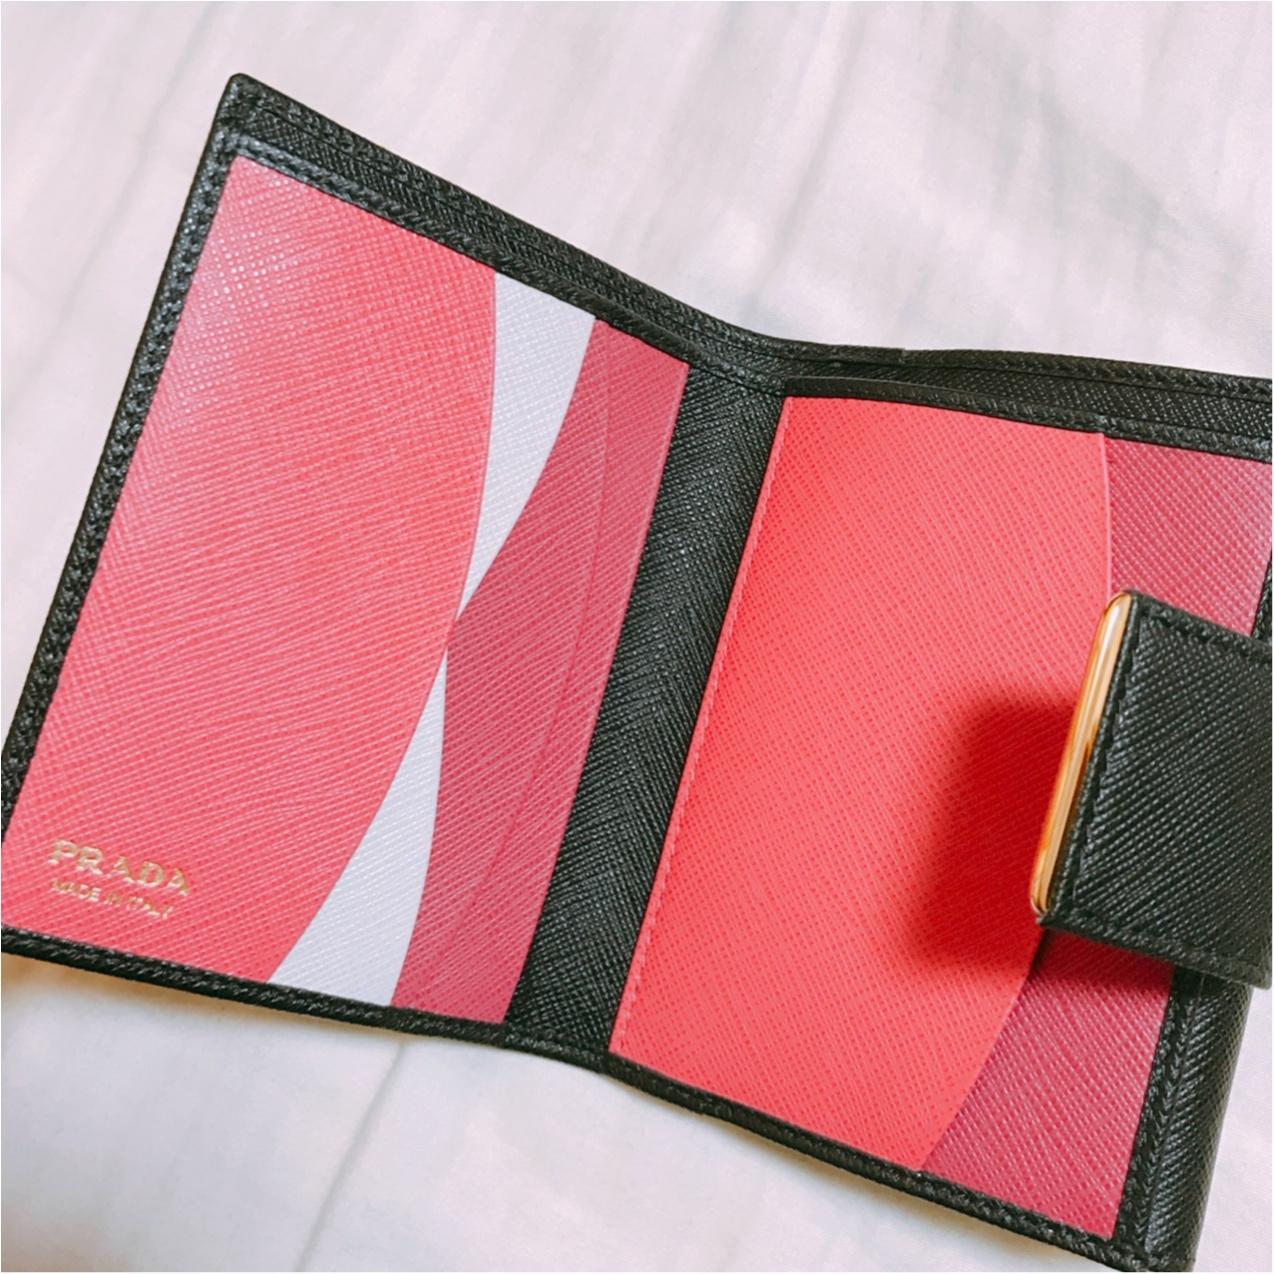 一見シンプル、開けたら可愛い♡【PRADA】で出会った新しいお財布!_4